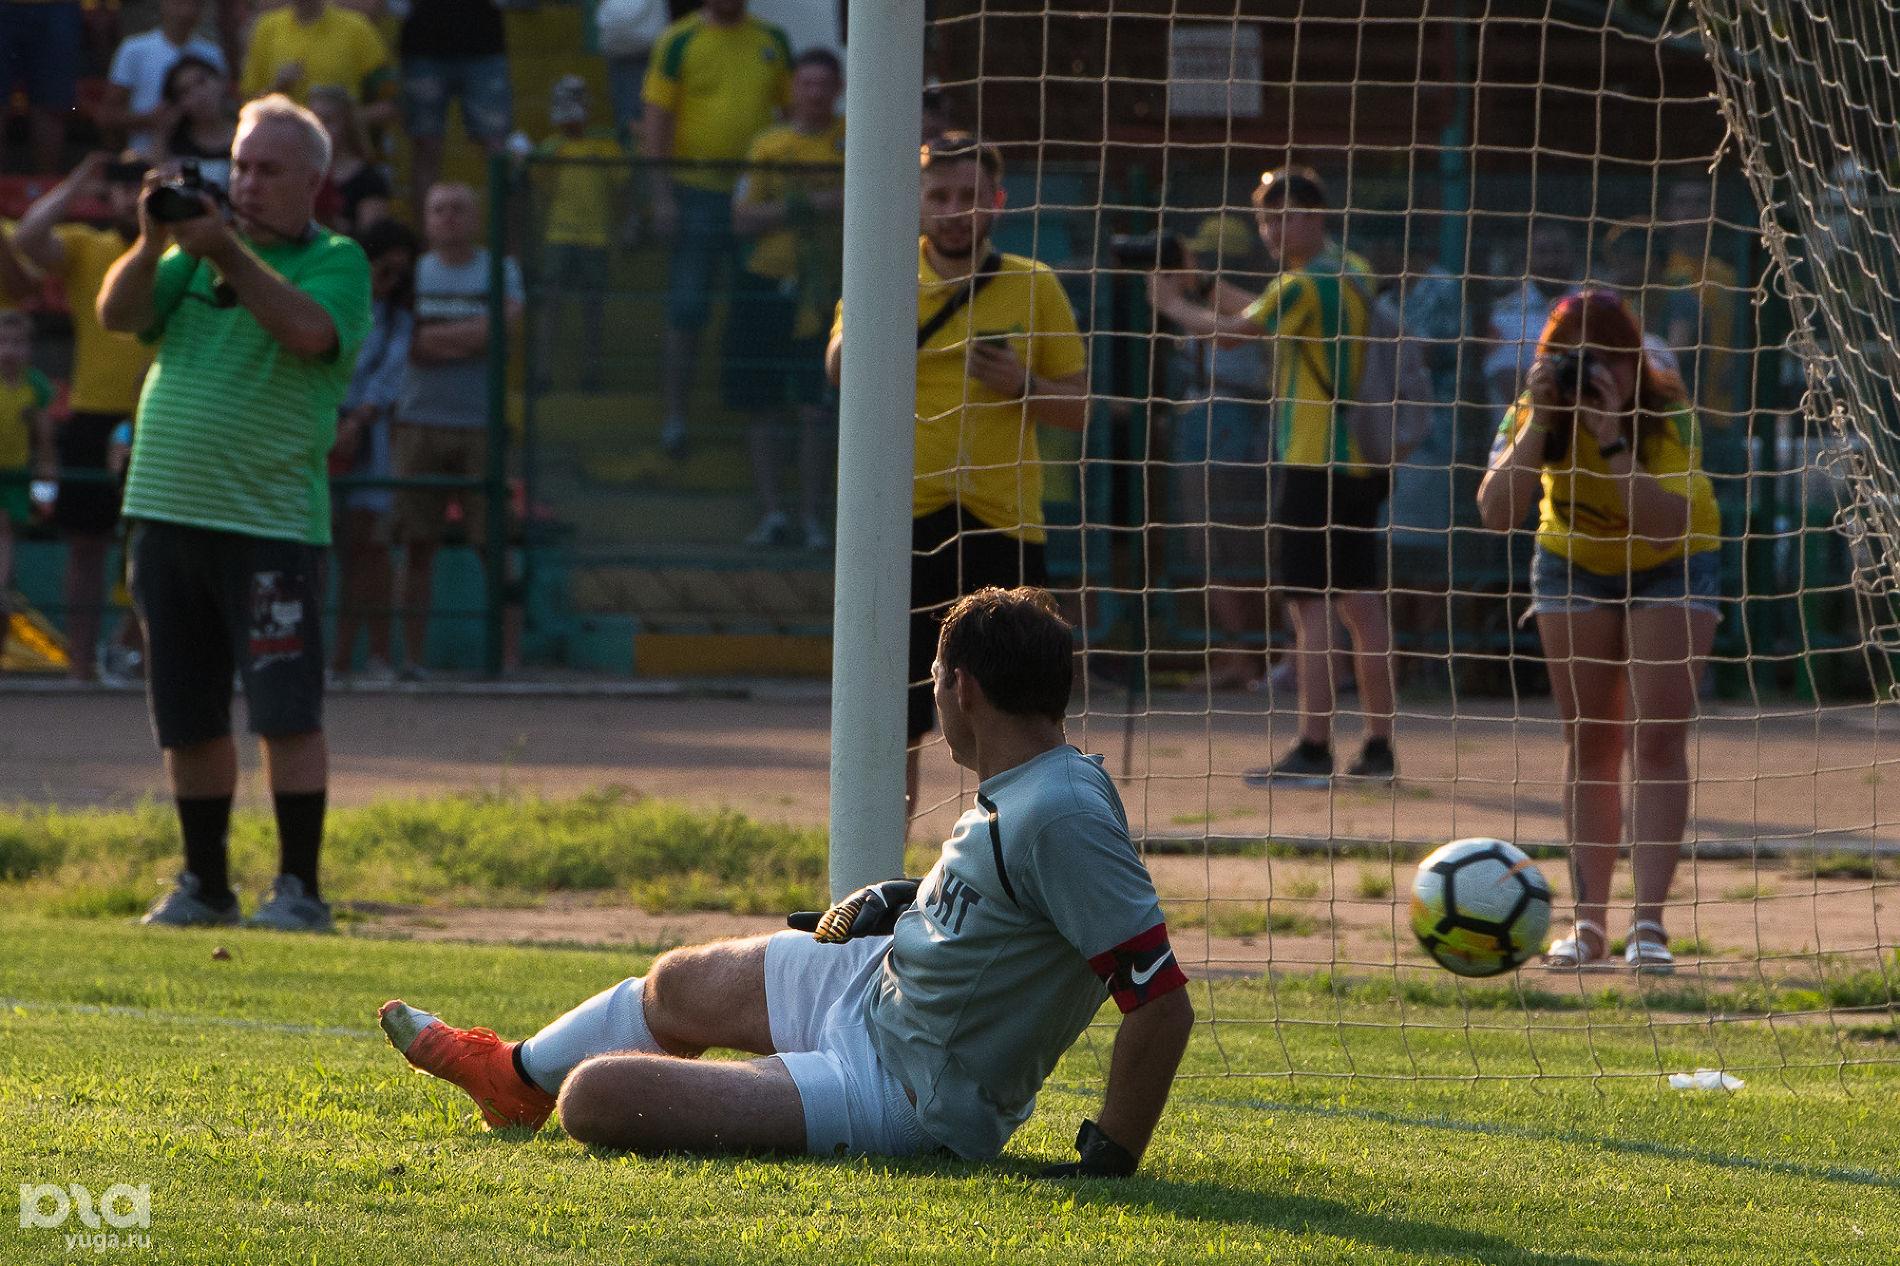 Матч между любительскими командами «Кубань» и «Абинск» ©Фото Елены Синеок, Юга.ру